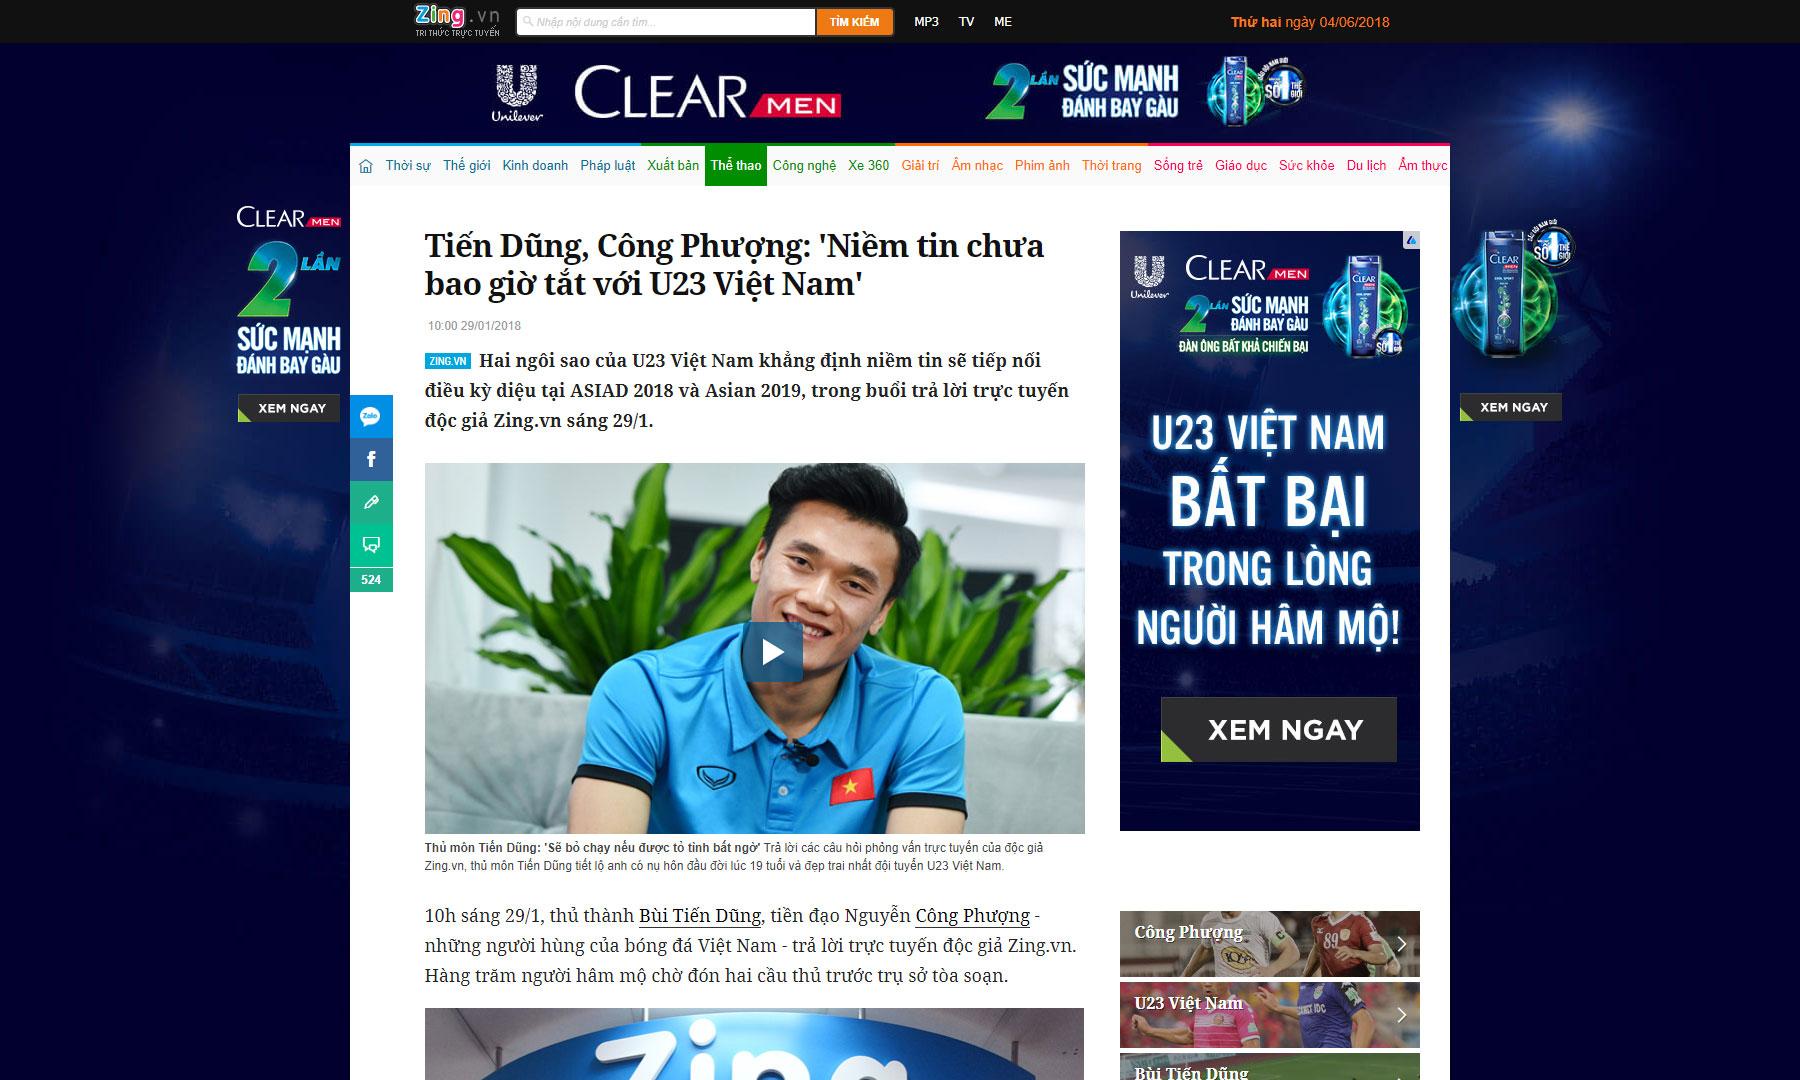 Clear Việt Nam là thương hiệu tạo dấu ấn khi gắn mình với sự kiện bất ngờ U23.